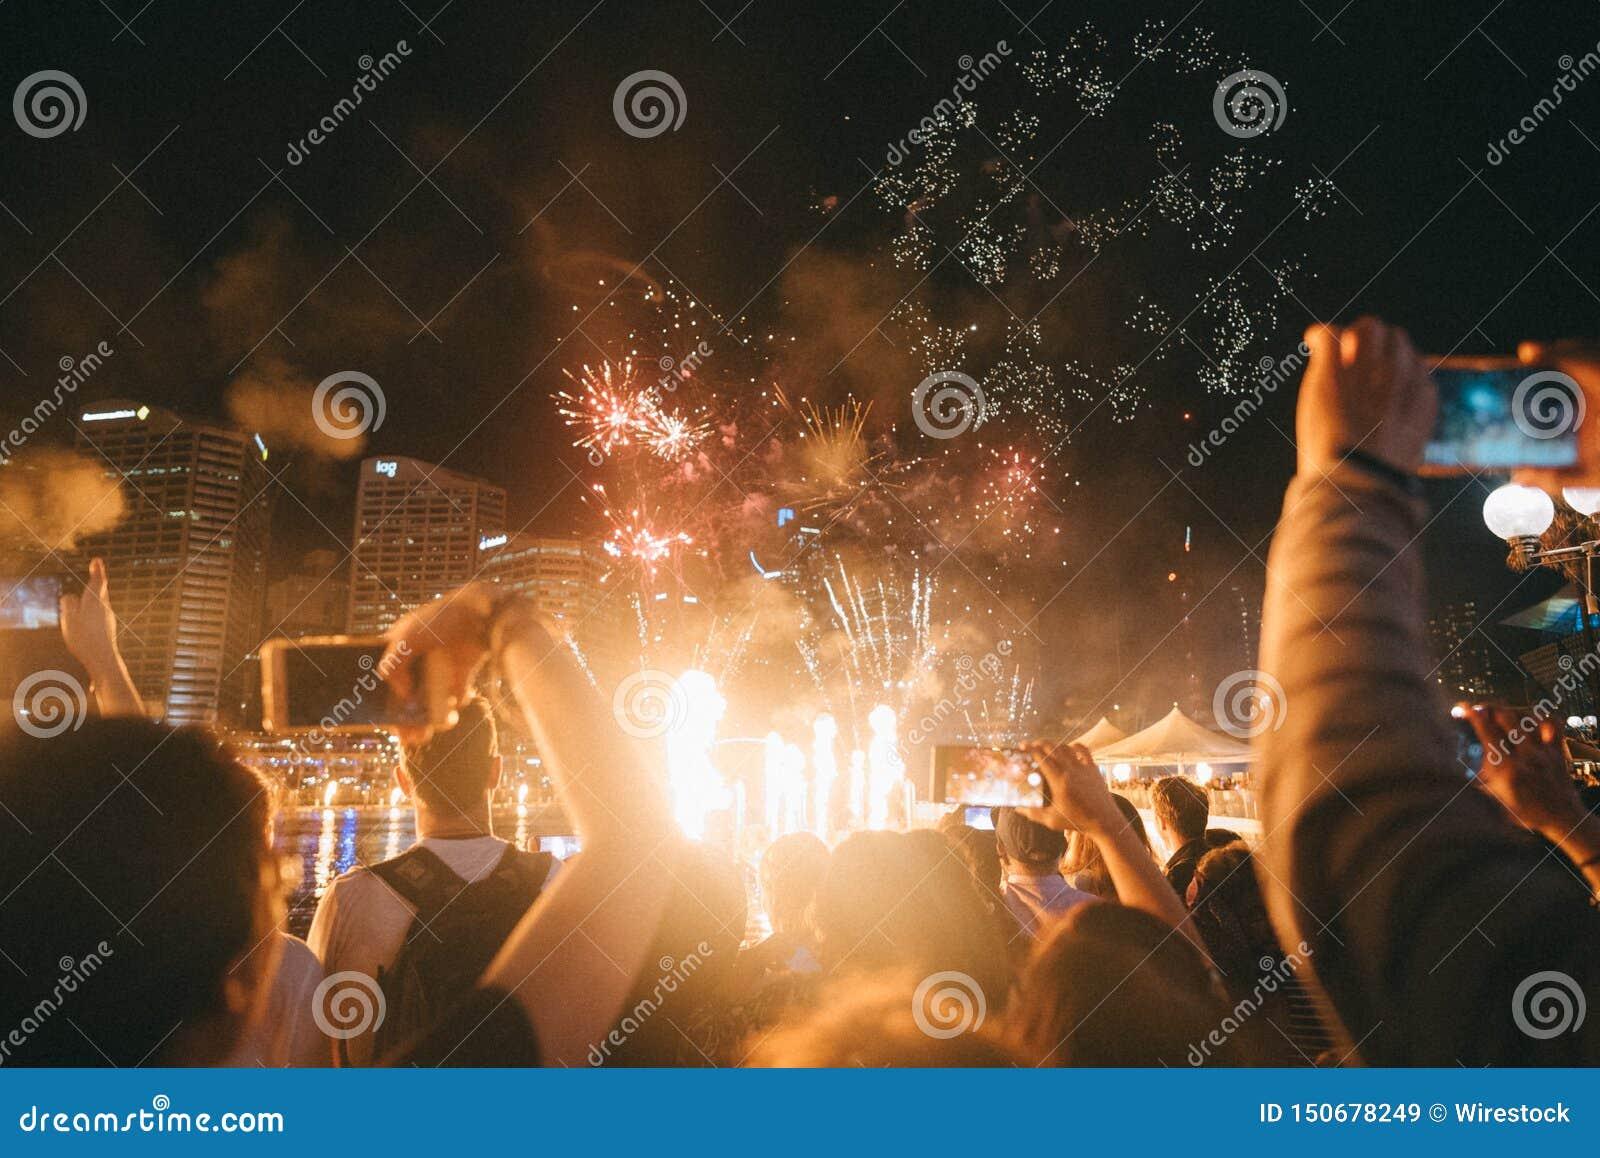 Gruppe von Personen, die helle funkende Feuerwerke an einem Festival genießt